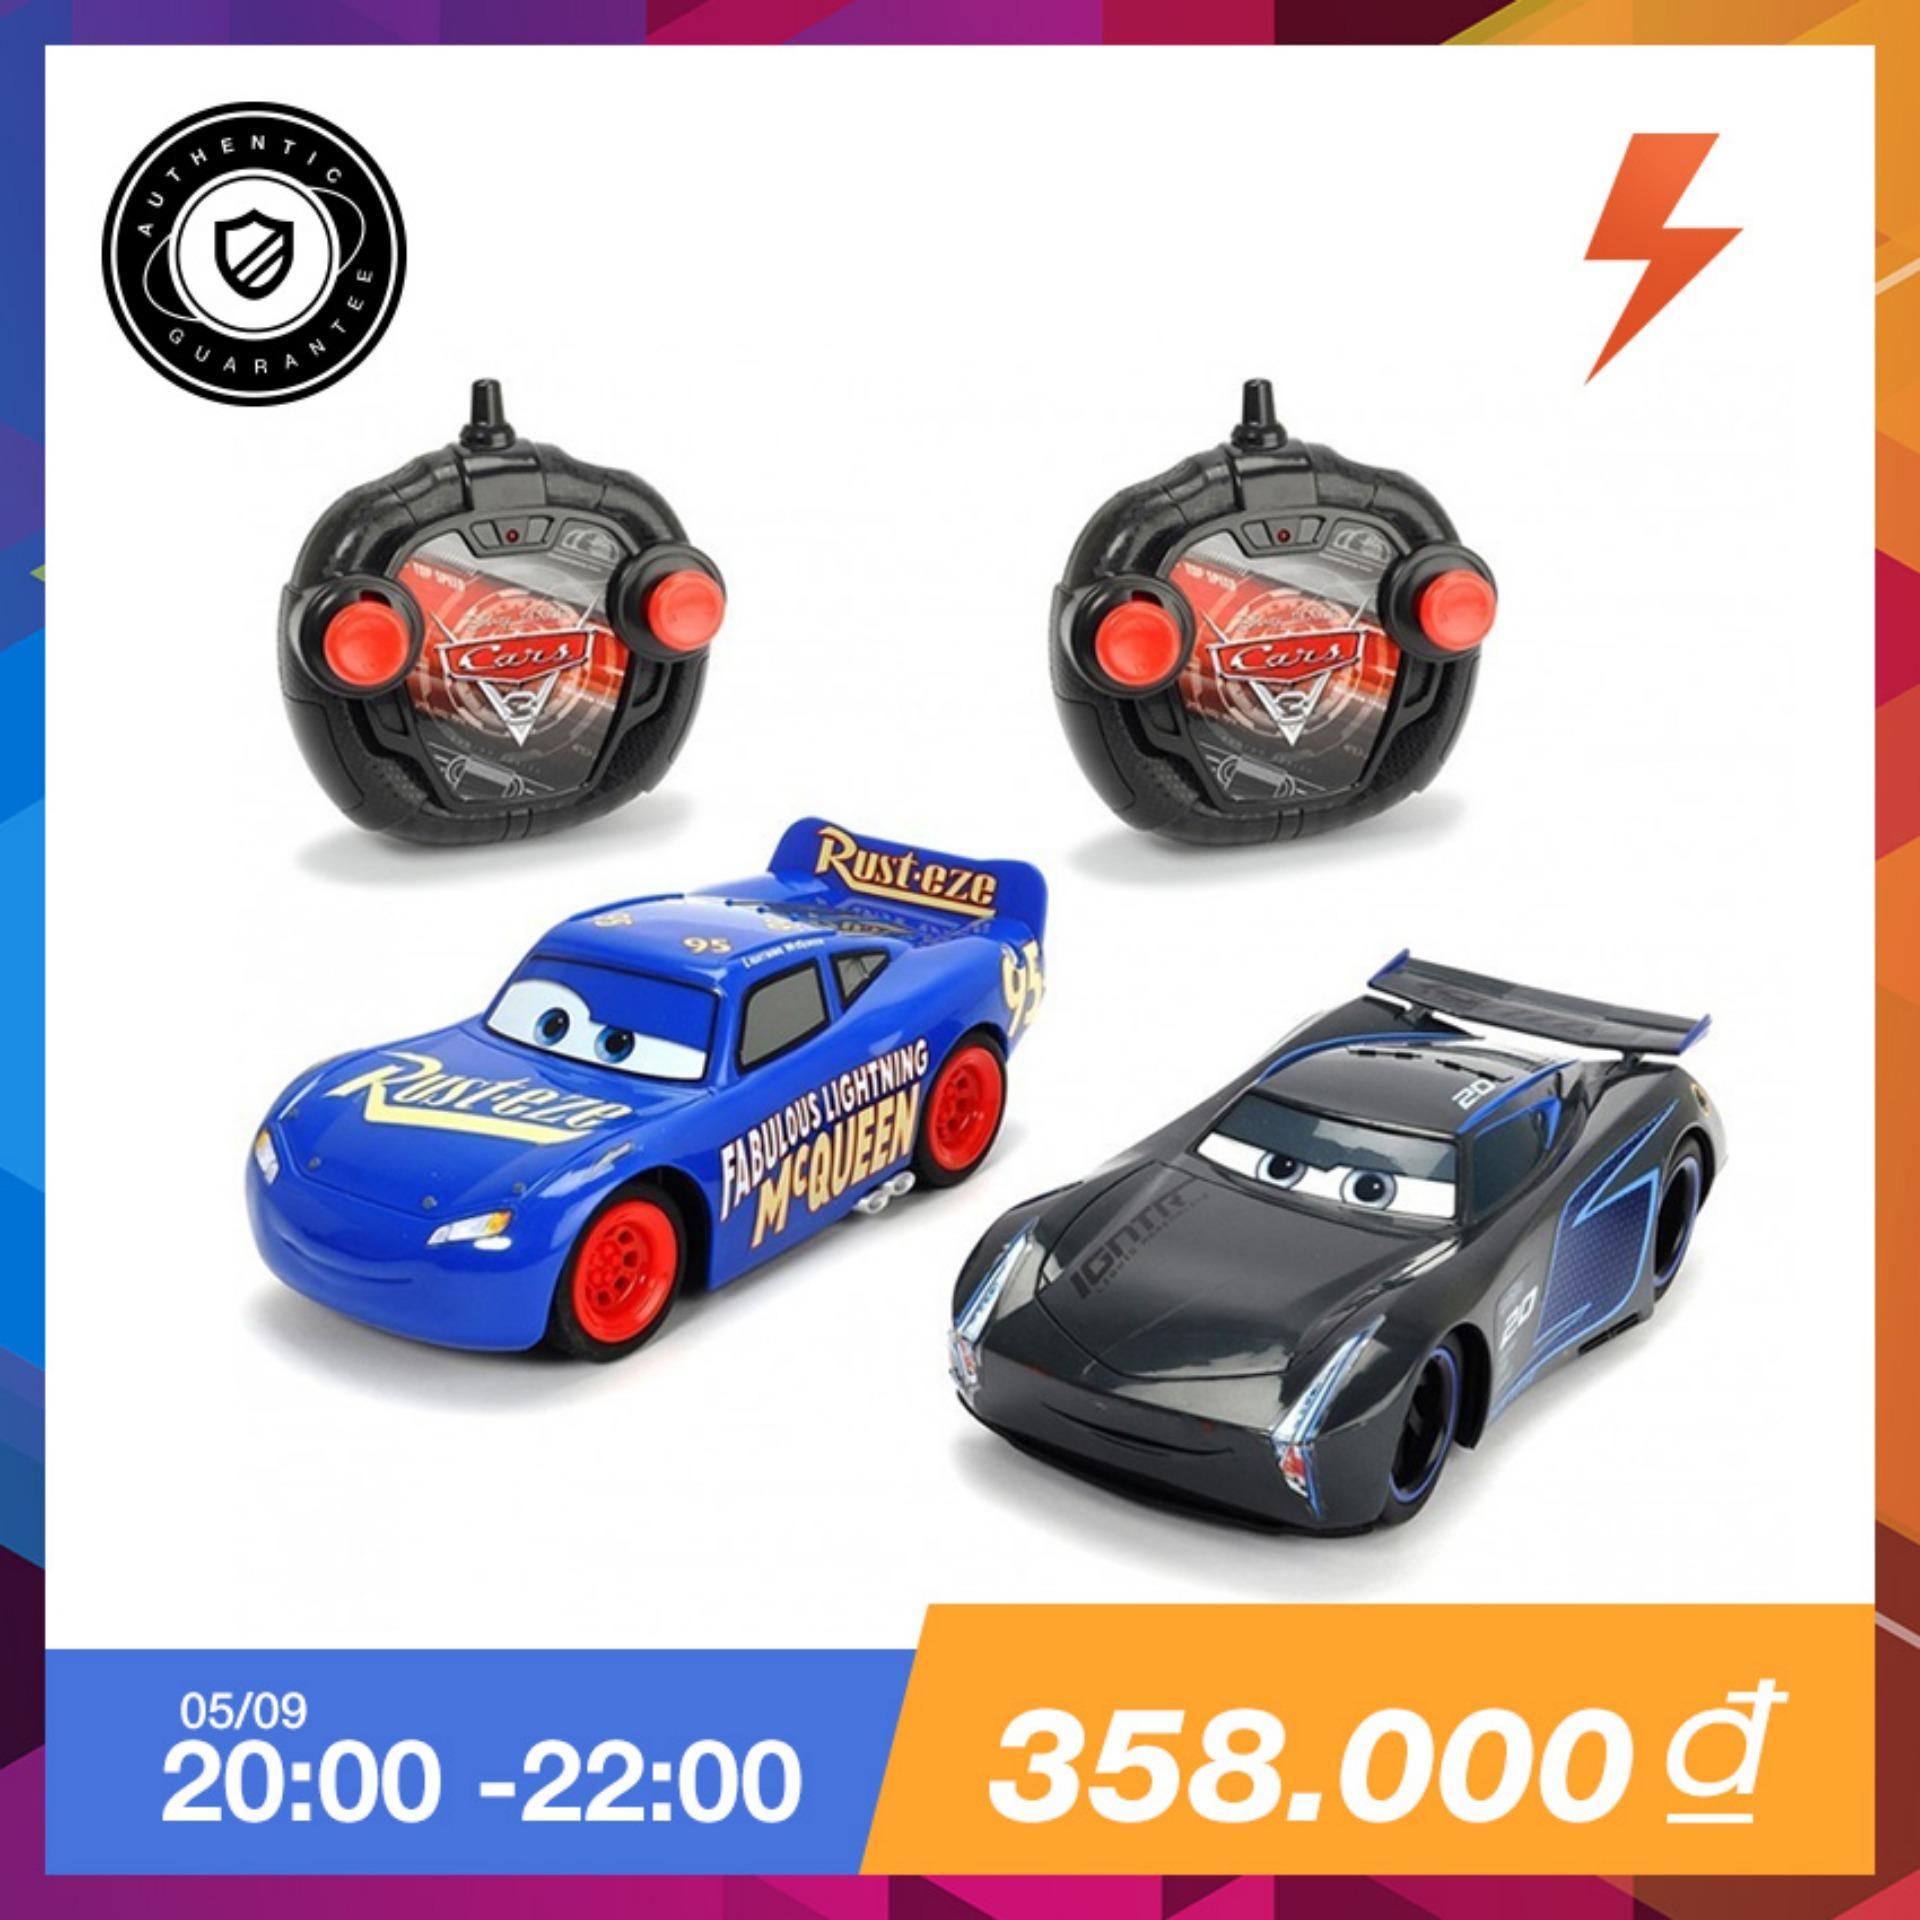 Giá Bán Bộ 2 Xe Điều Khiển 1 24 Final Race Lightning Mcqueen Jackson Cars3 203087009 Trong Vietnam